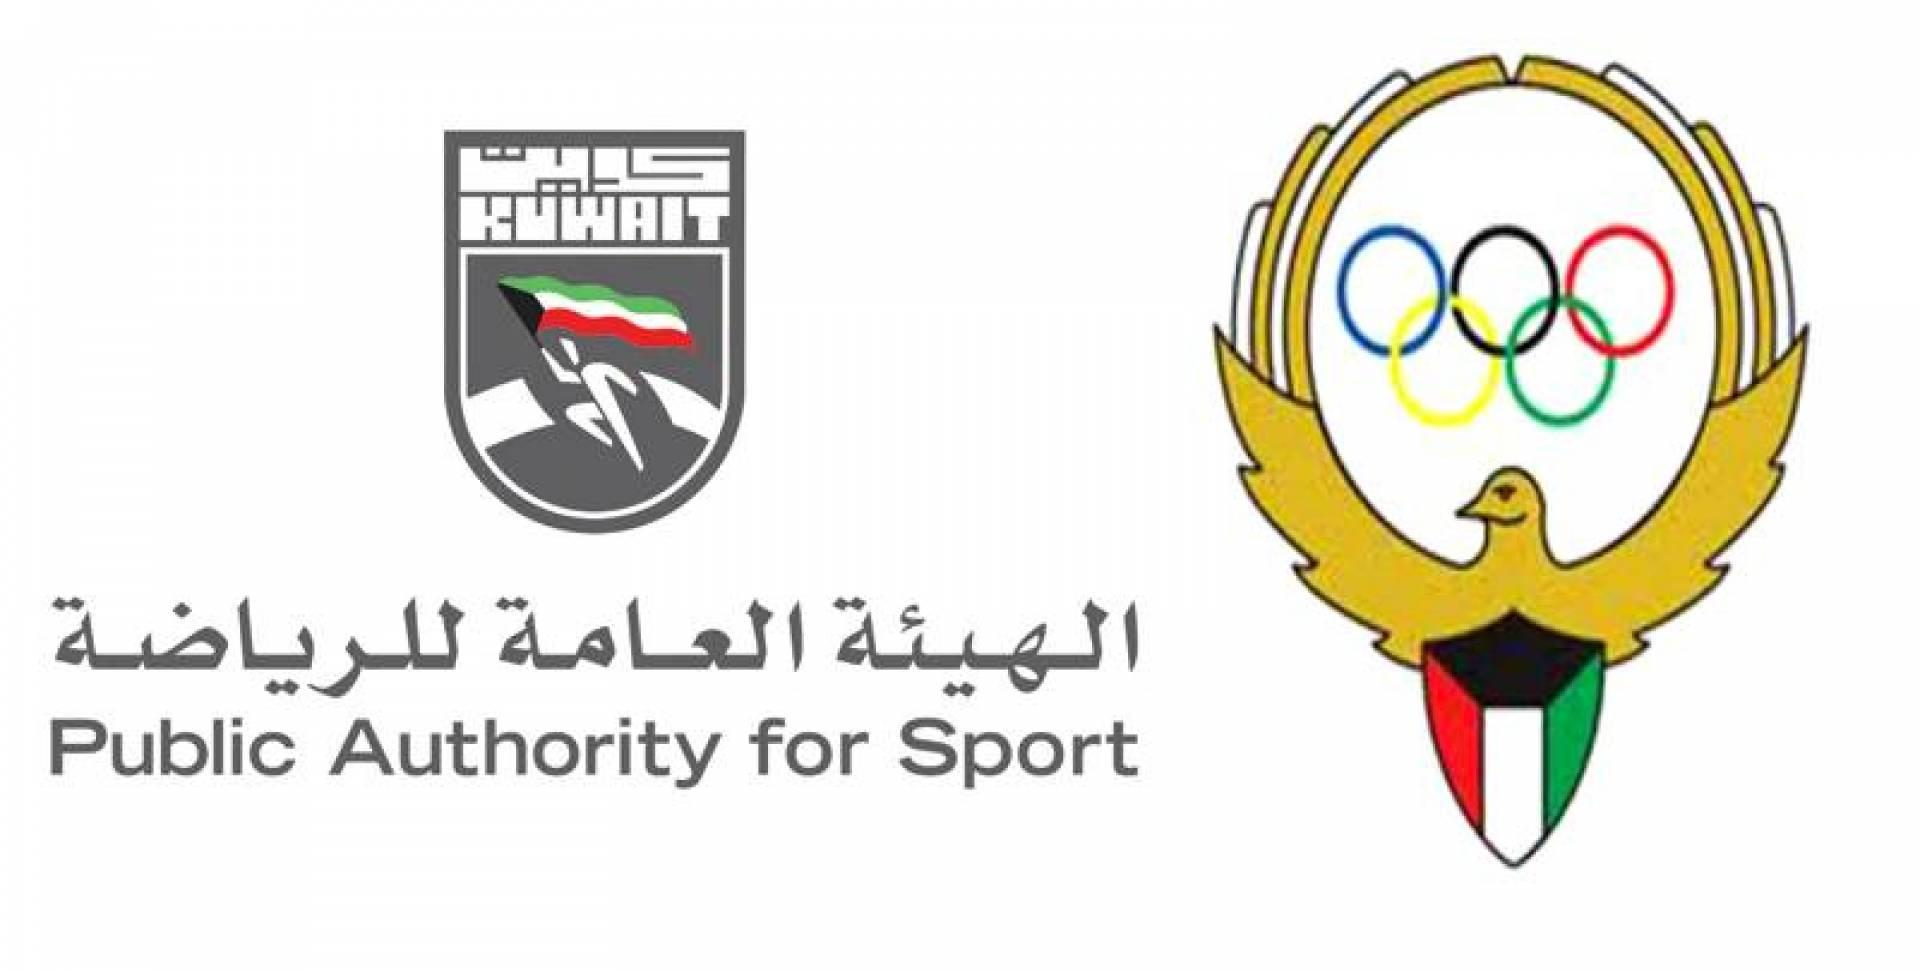 الرياضة الكويتية حاضر مخيف ومستقبل مجهول